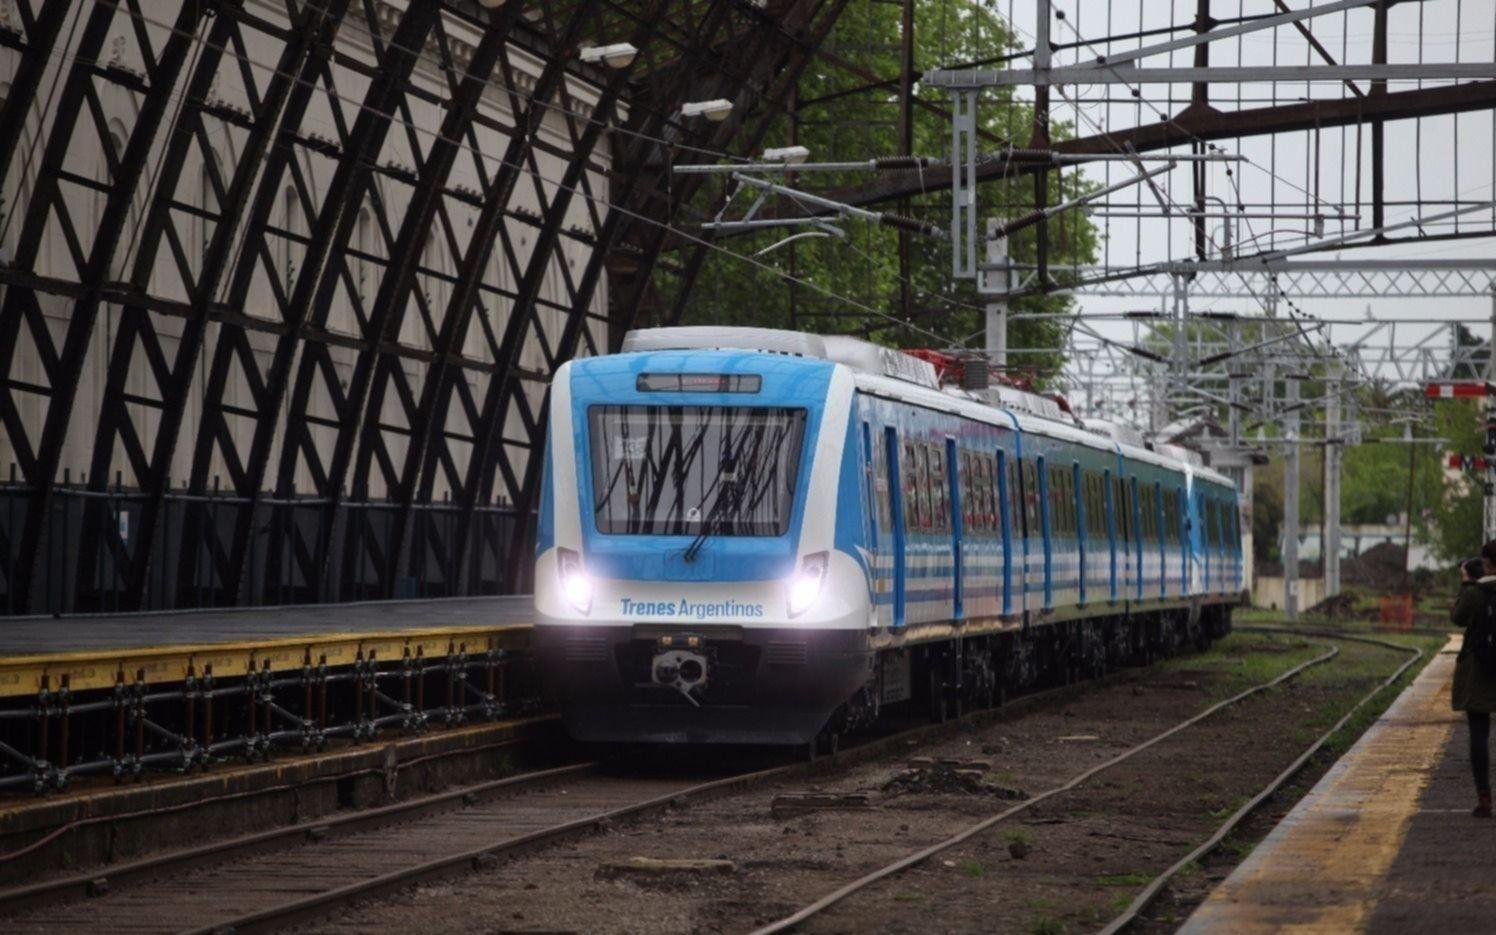 Se levantó el paro y mañana habrá servicios de transporte público